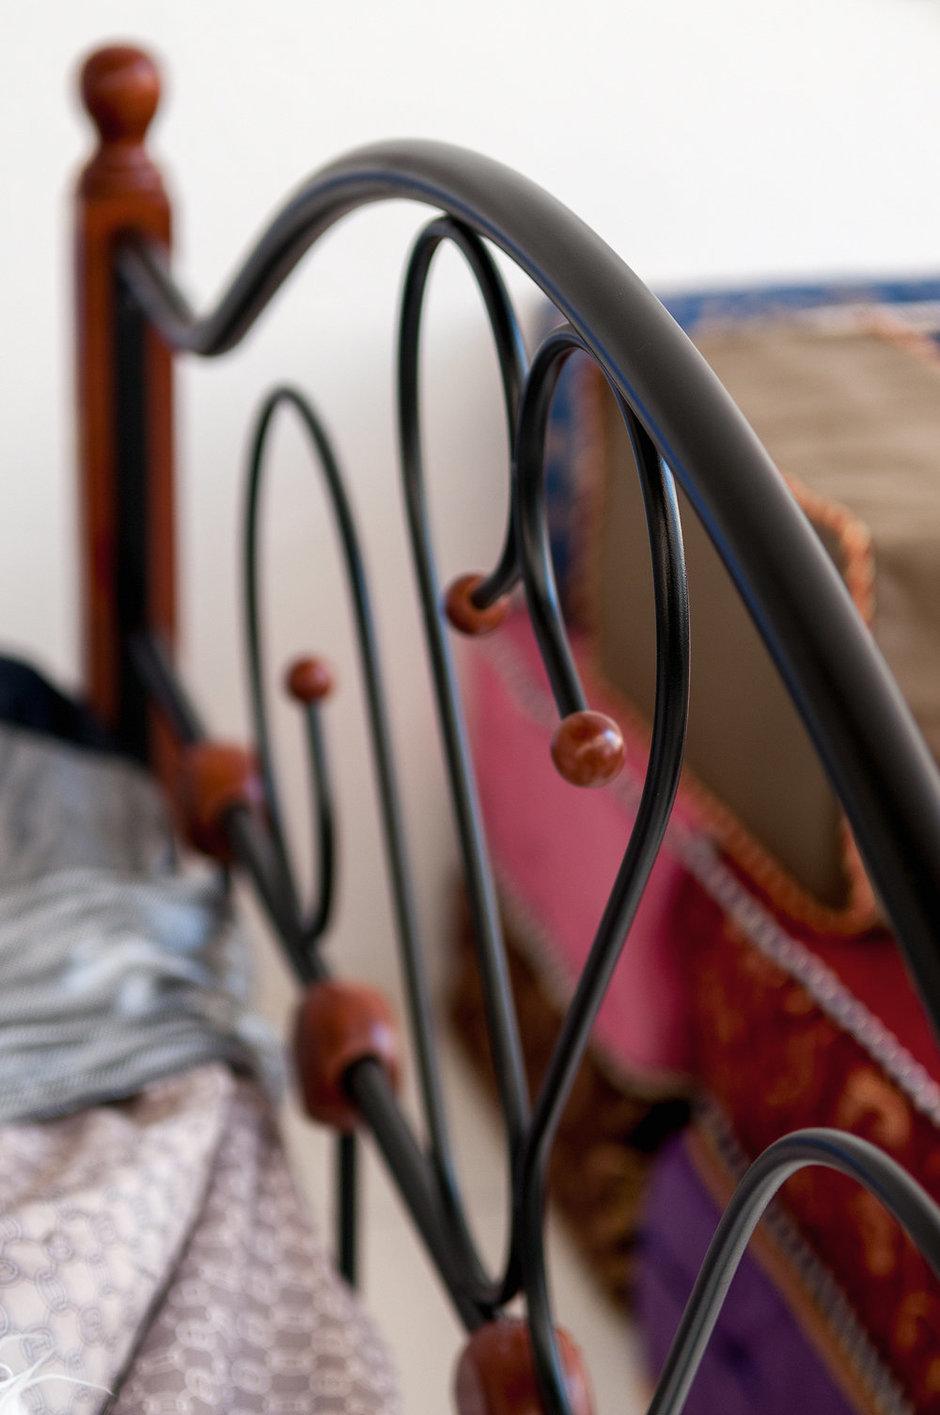 Фотография:  в стиле , Эклектика, Декор интерьера, Дом, Архитектура, Дизайн интерьера, Декор, Мебель и свет, Проект недели, Переделка, Дача, Мансарда, Строительные материалы, Дом и дача, Фазенда, Строительные работы, как обустроить мансарду, спальня в мансарде, лаундж-зона – фото на InMyRoom.ru